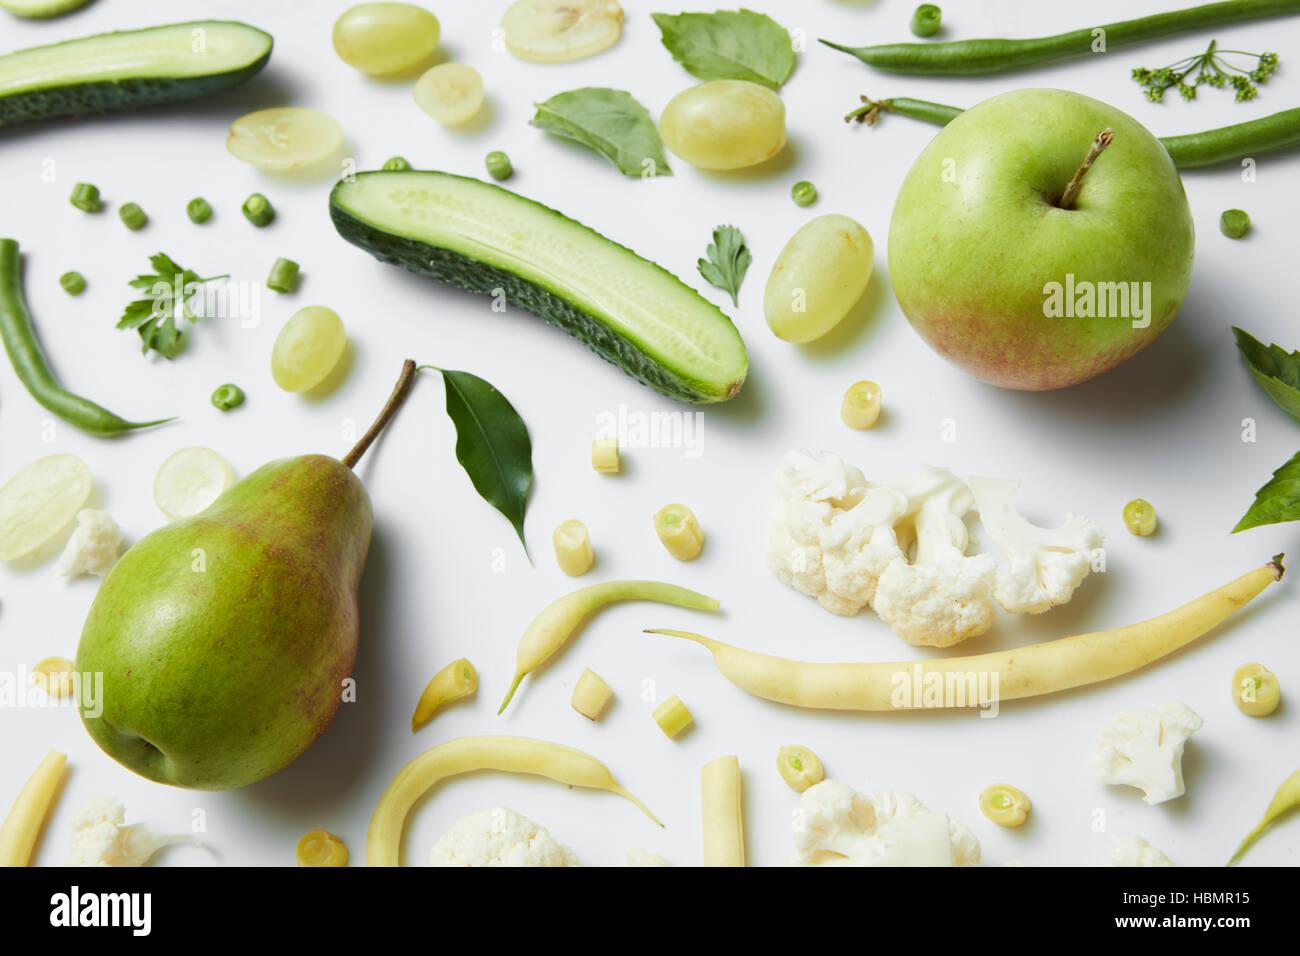 Frutas y verduras verdes frescas Imagen De Stock